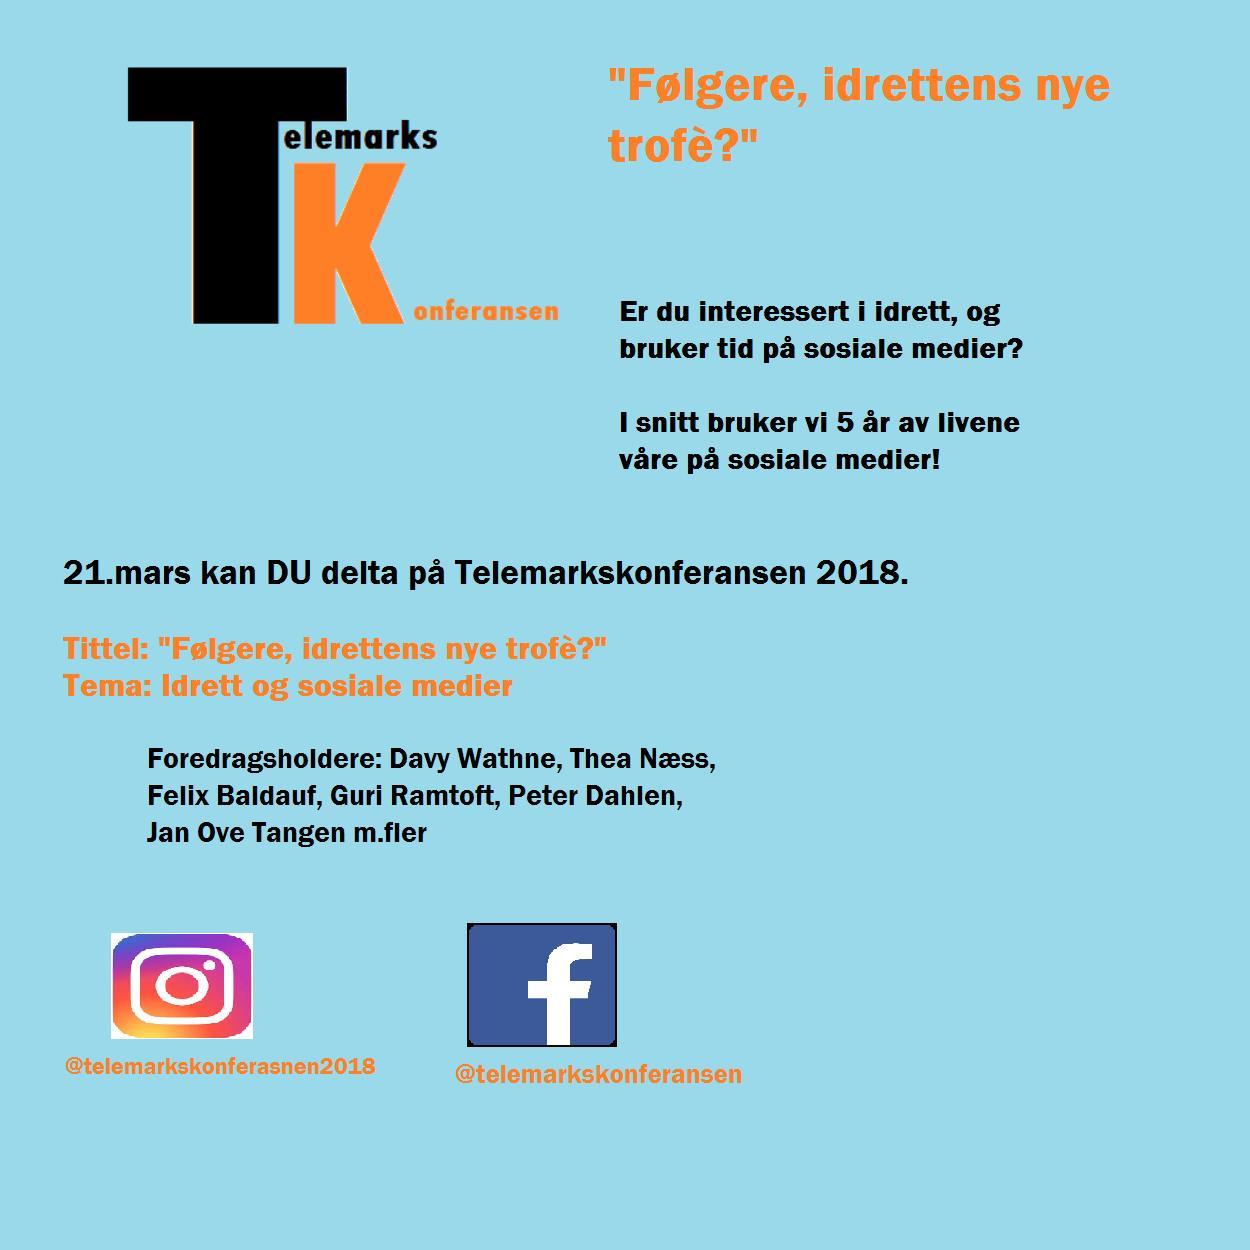 Telemarkskonferansen 2018